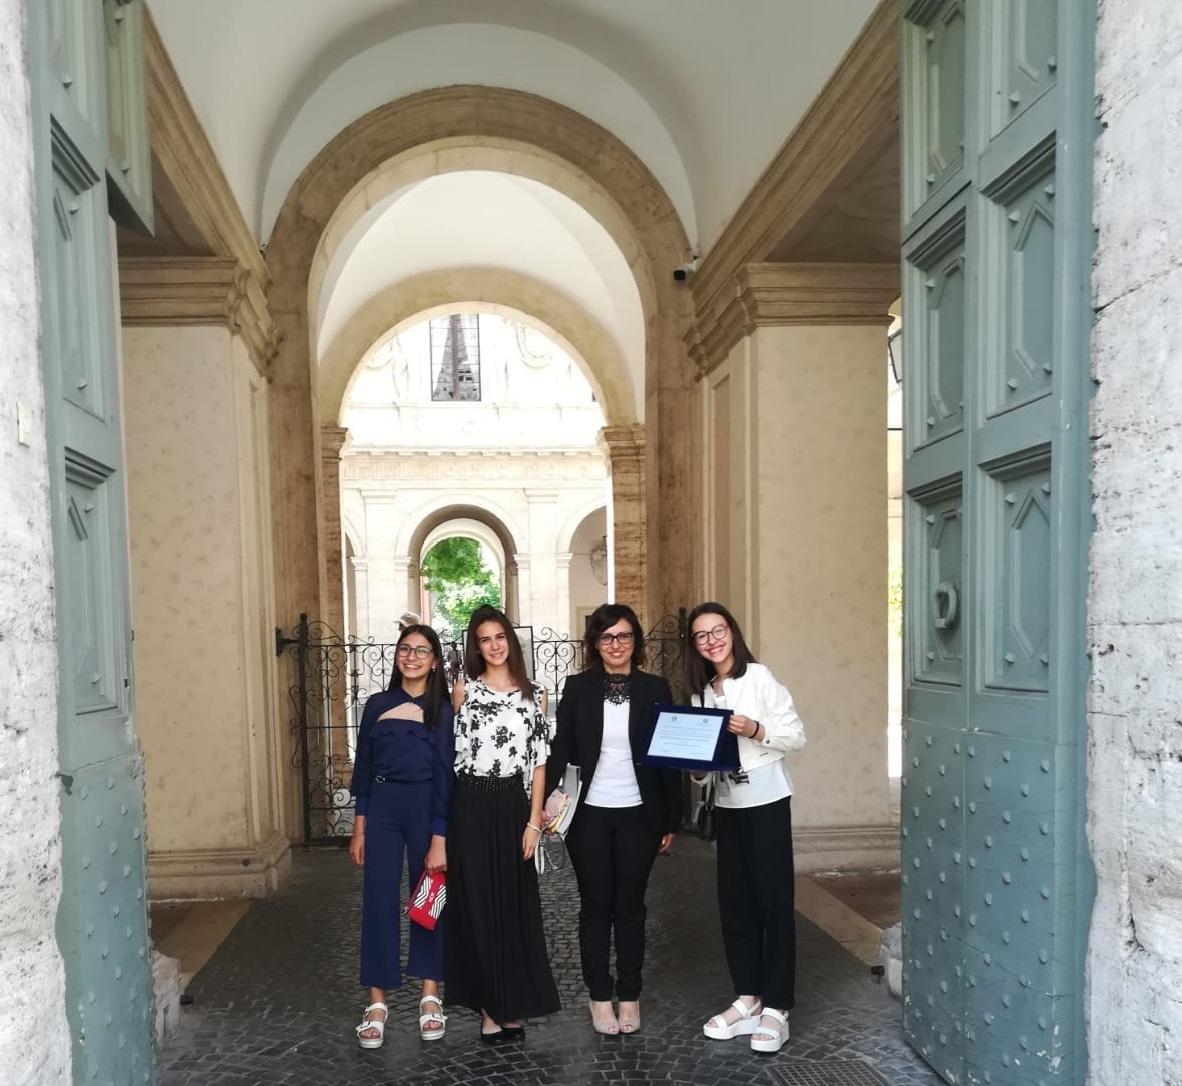 Altra immagine delle studentesse premiate a Roma